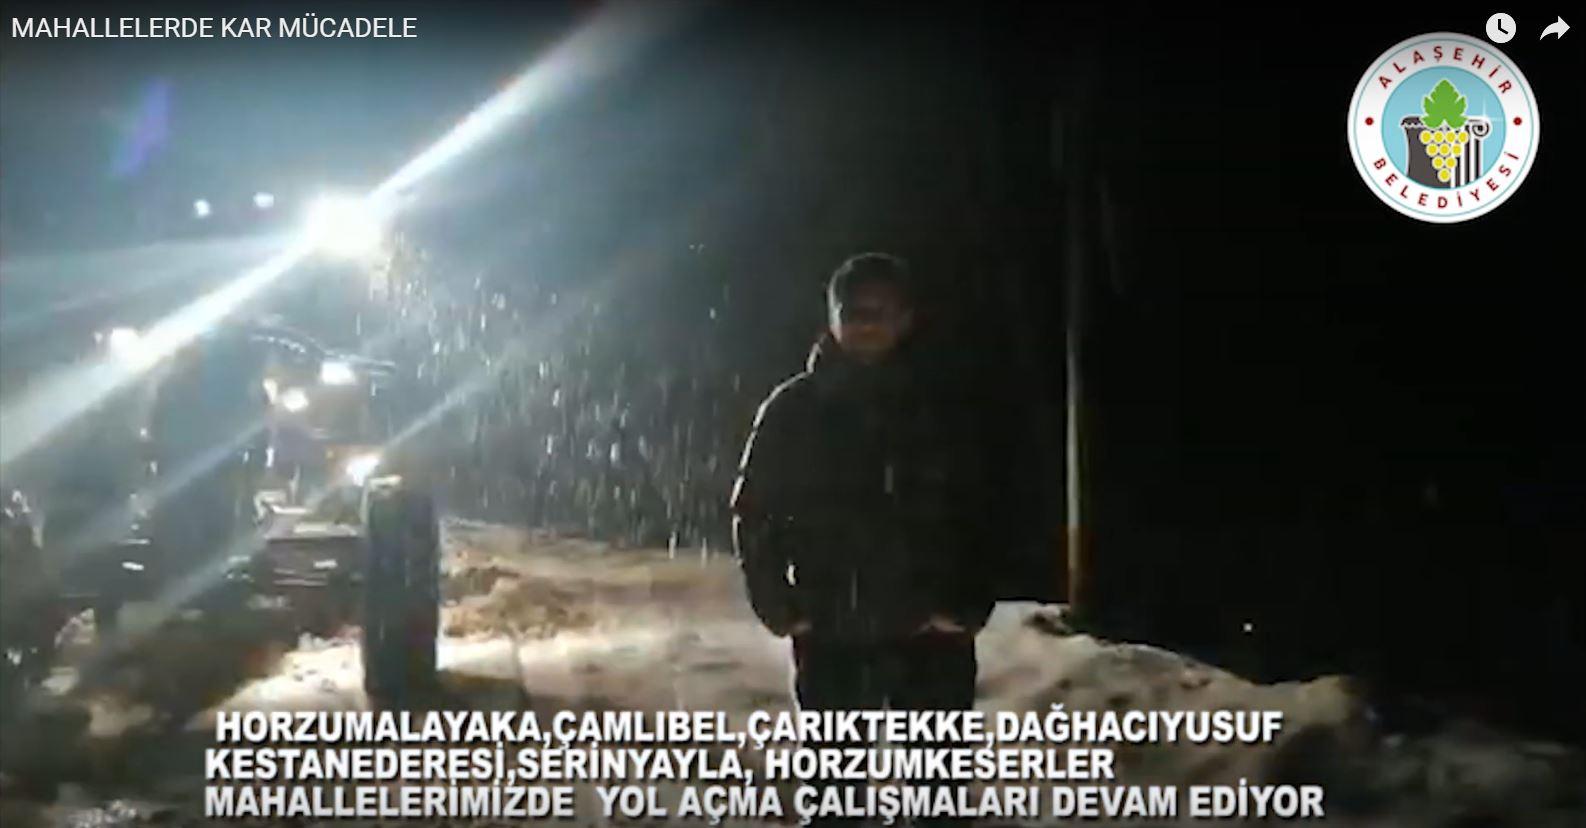 Kırsal Mahallelerde Karla Mücadeleye Devam Ediyoruz